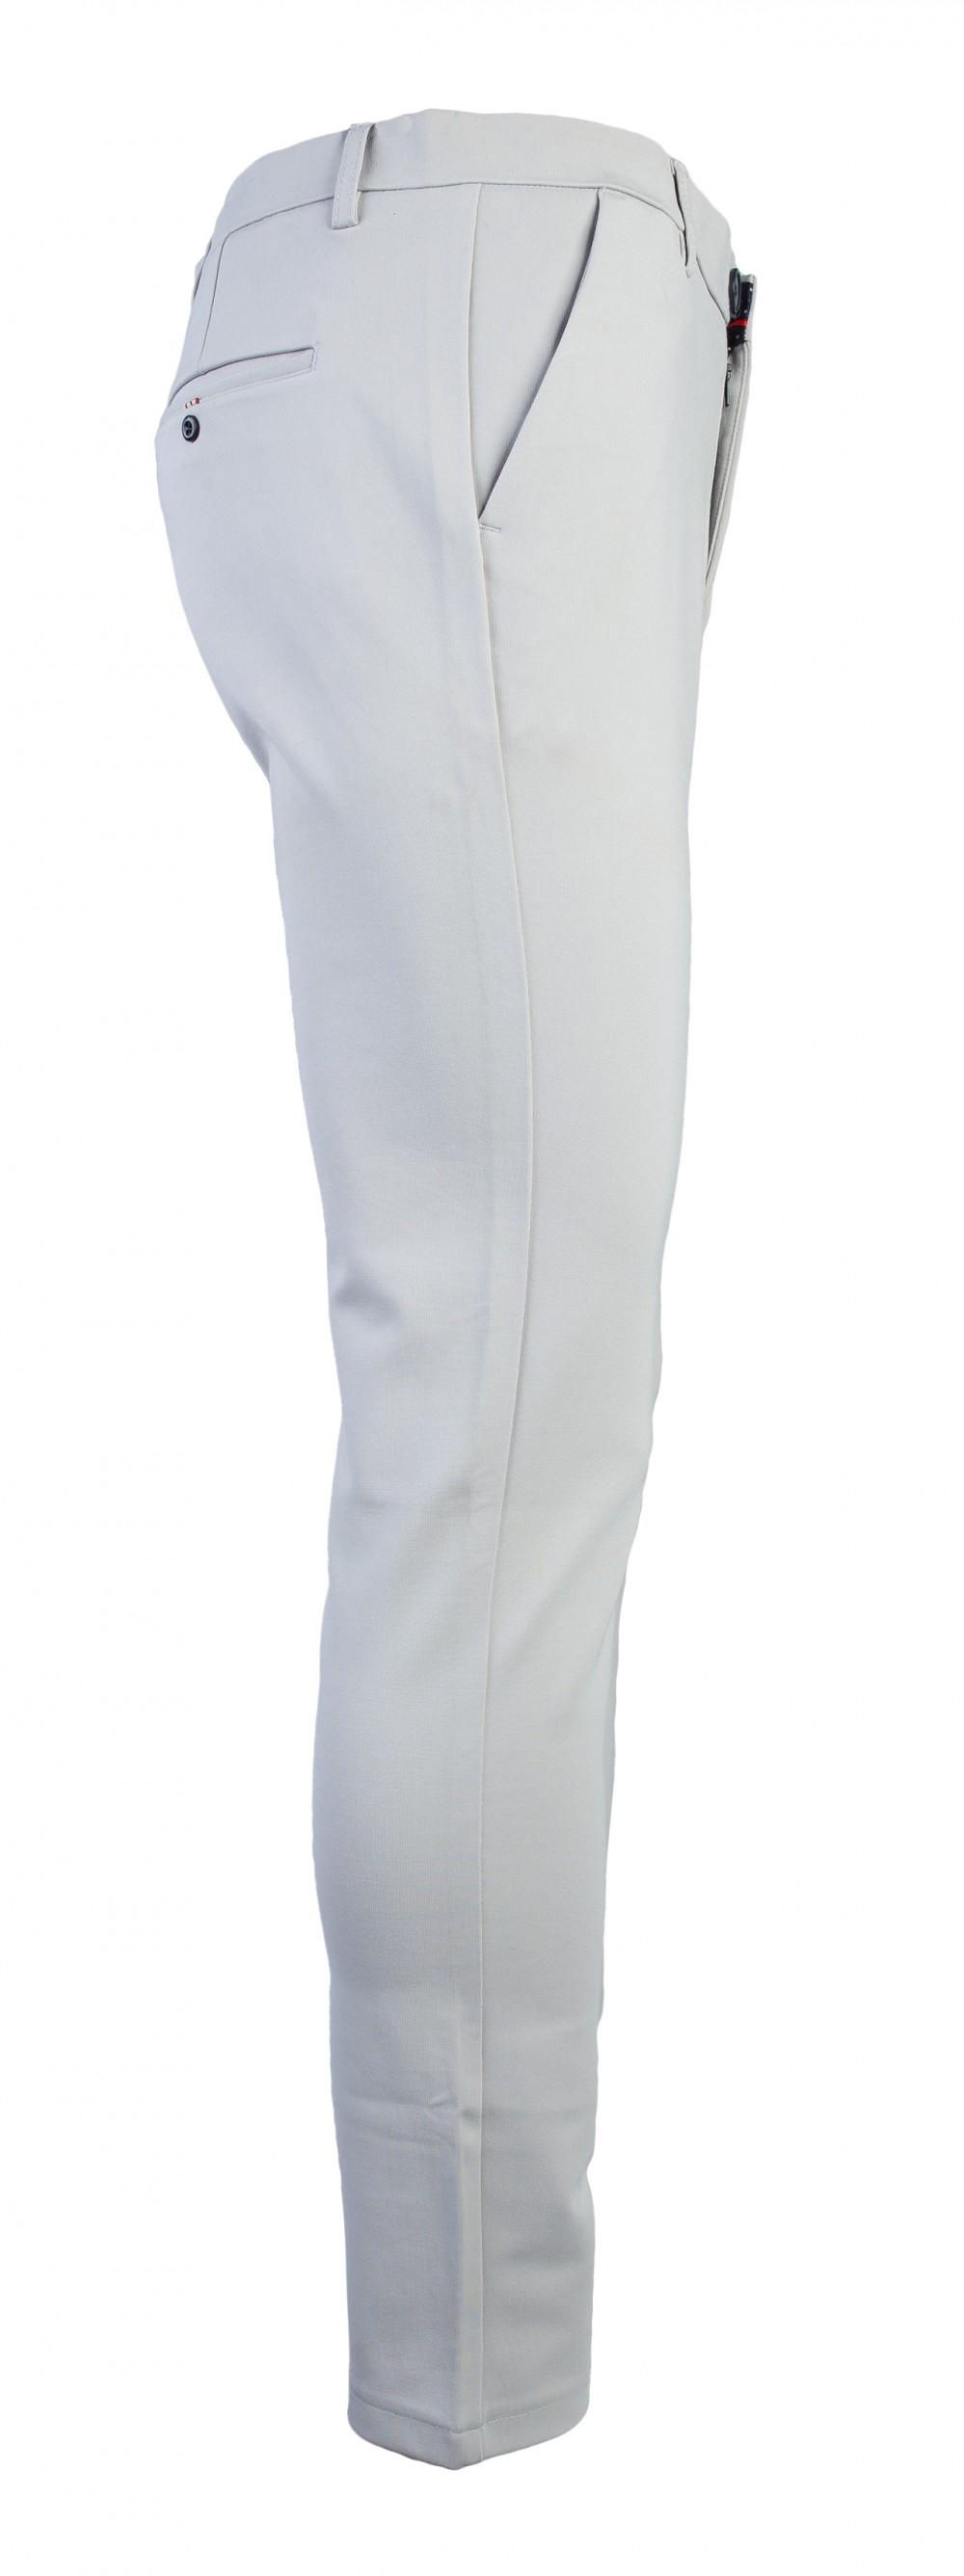 Quần tây xám trắng qt109 - 2